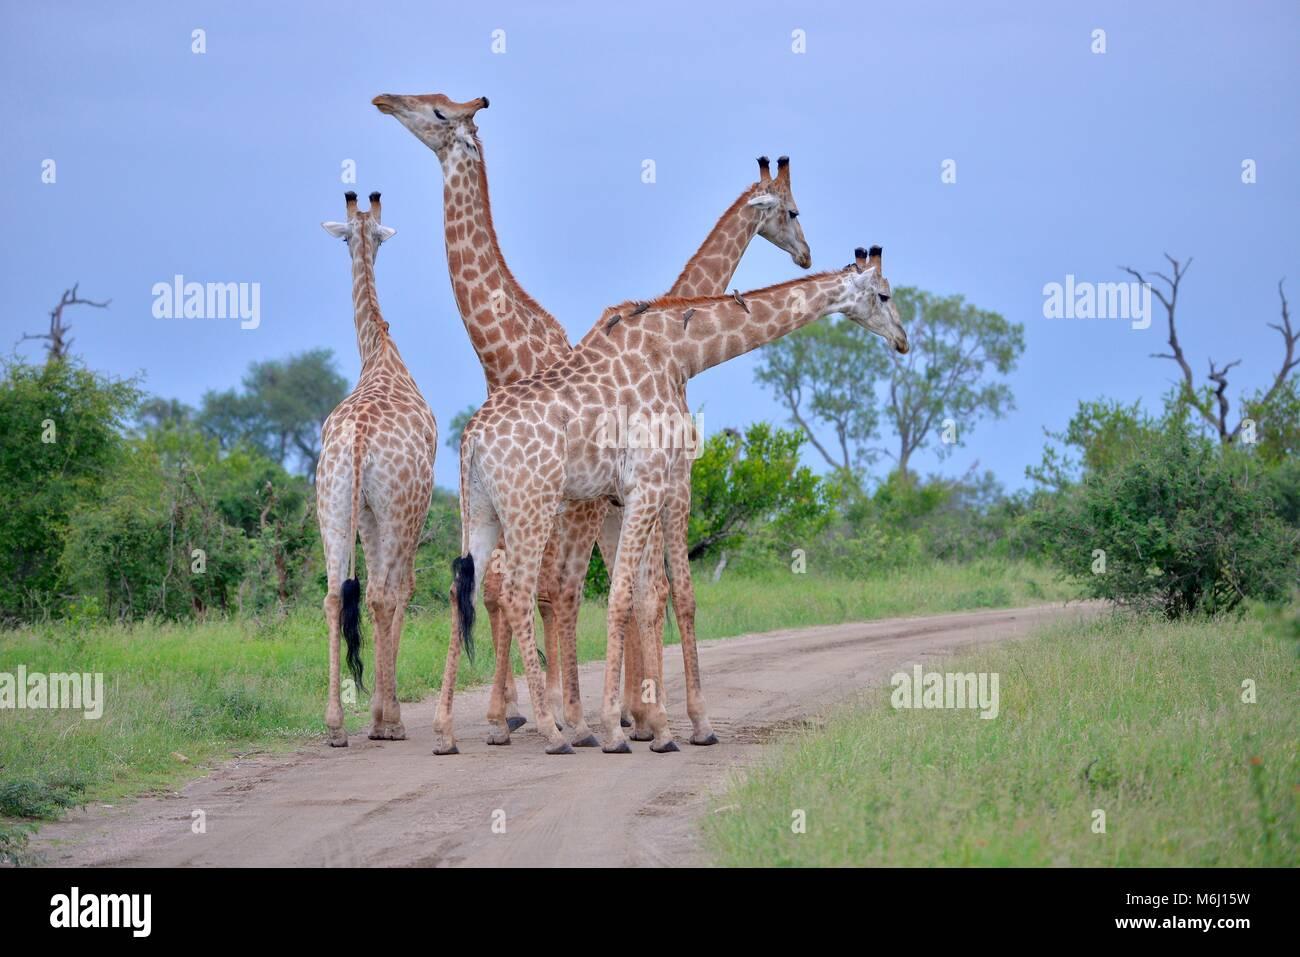 Parque Nacional Kruger, Sudáfrica. Un paraíso de aves y vida silvestre. Jirafa cuello largo Imagen De Stock